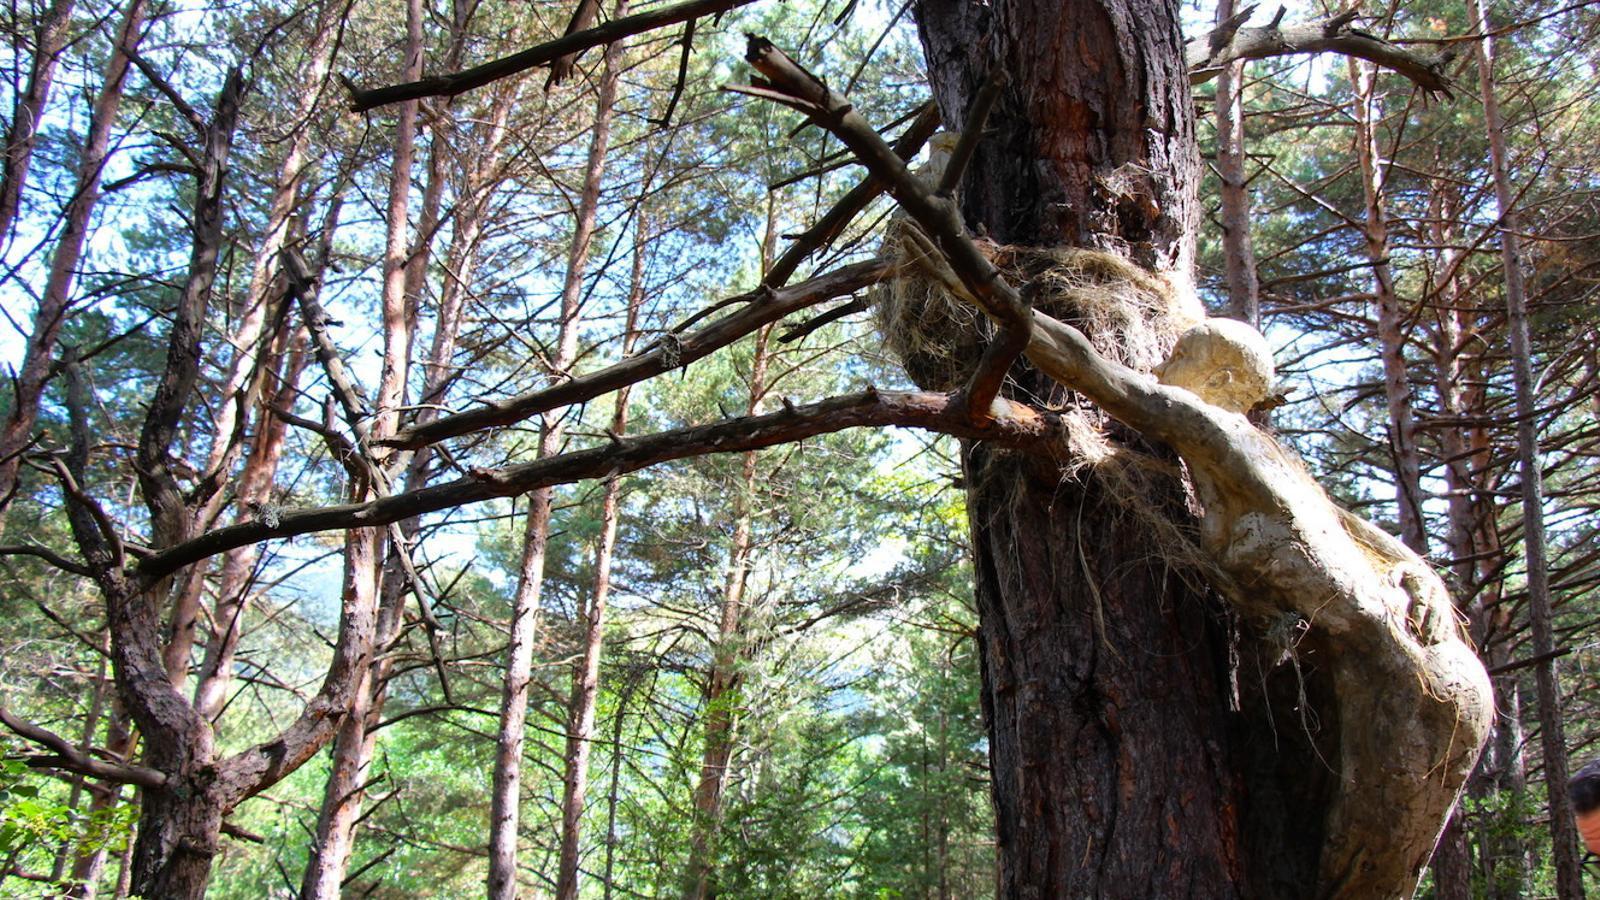 Una de les escultures del projecte artístic 'Arrels', de l'escultor Àngel Calvente, al bosc de l'Esquella d'Ordino.  / C. G. (ANA)